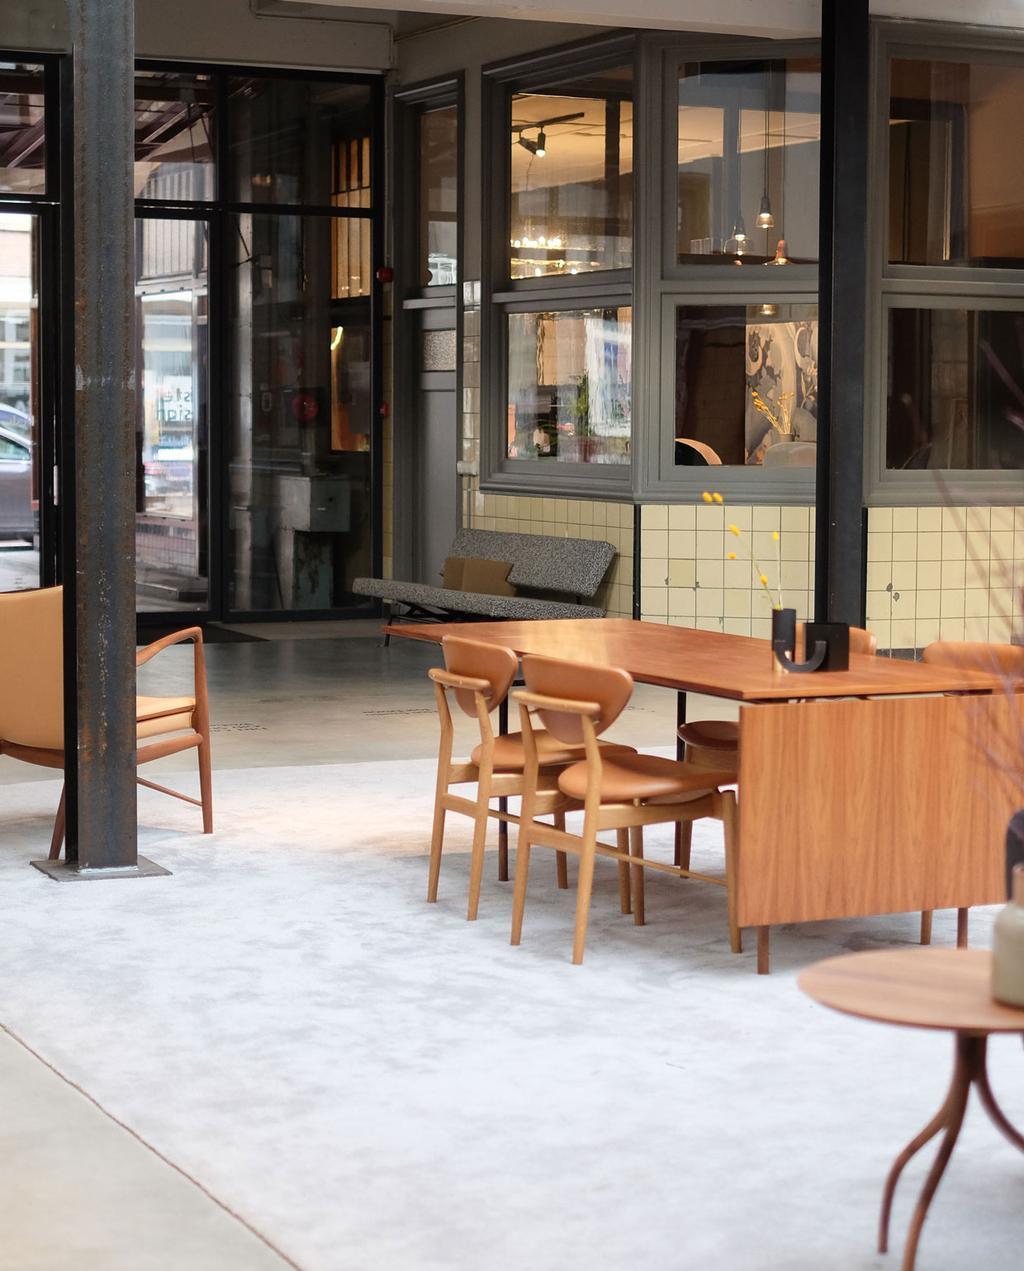 vtwonen | Blog PRCHTG Design in Den Bosch houten meubels